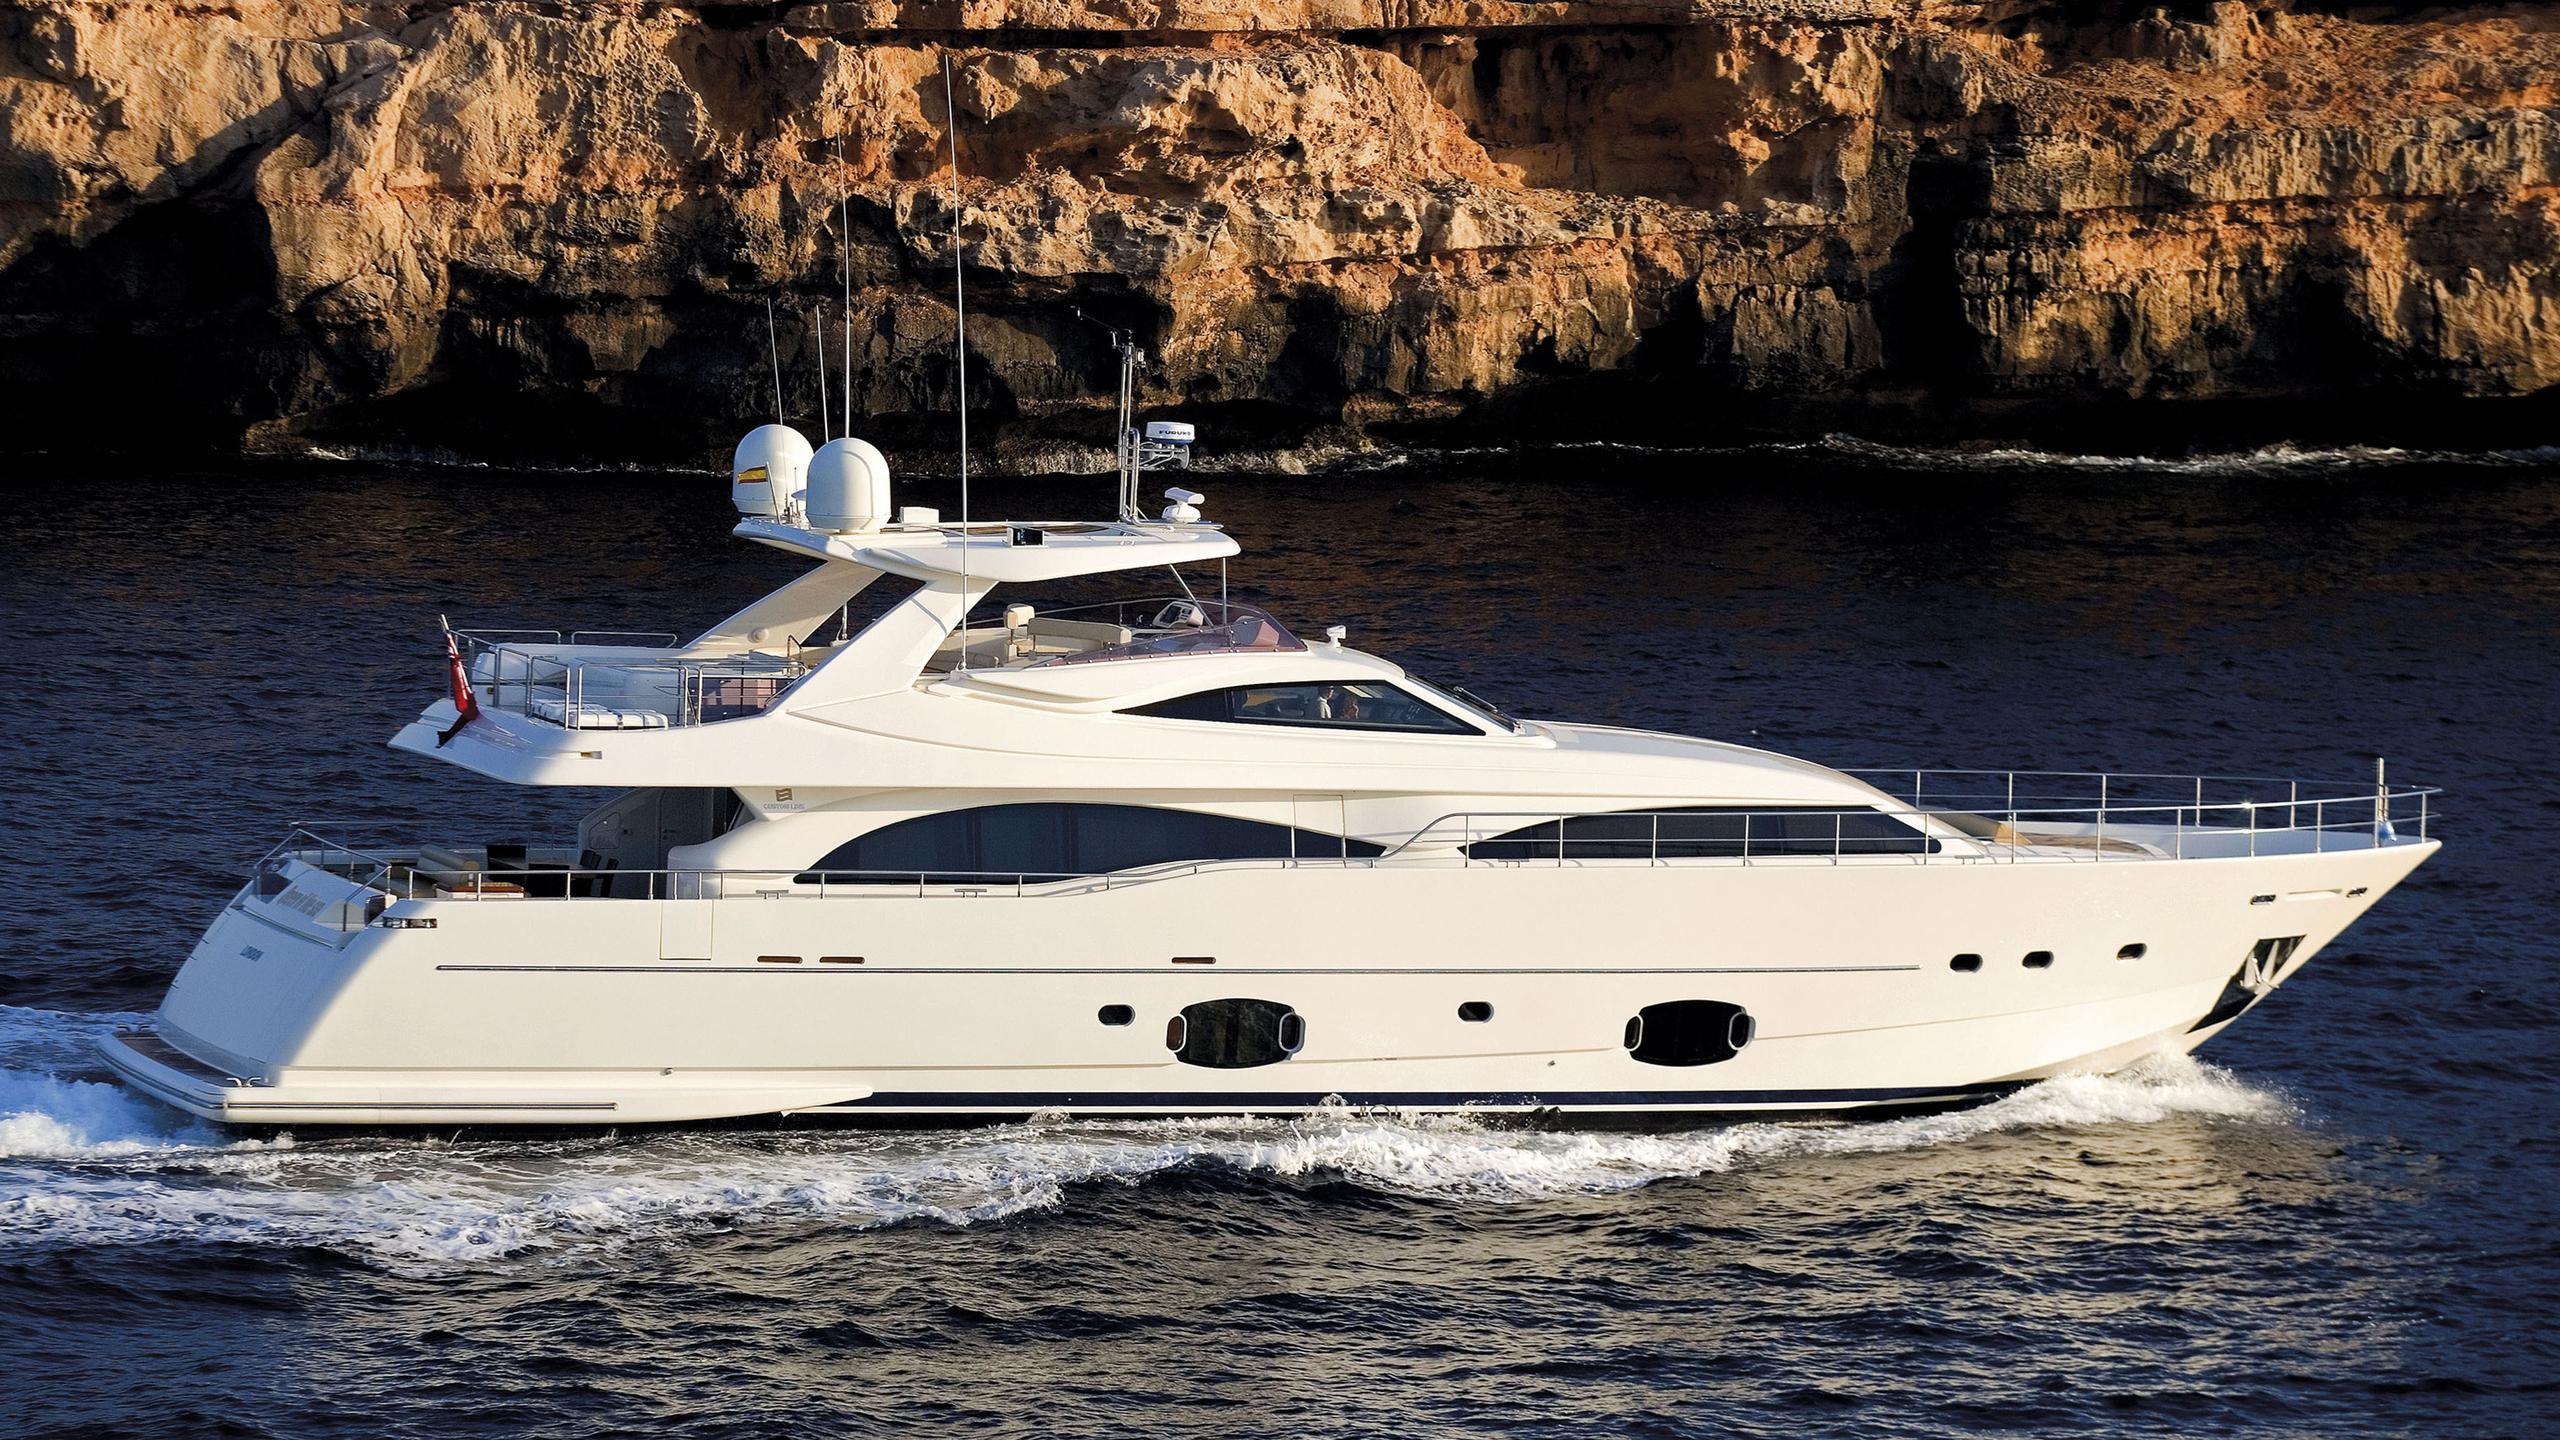 clementine-motor-yacht-ferretti-custom-line-97-2007-30m-cruising